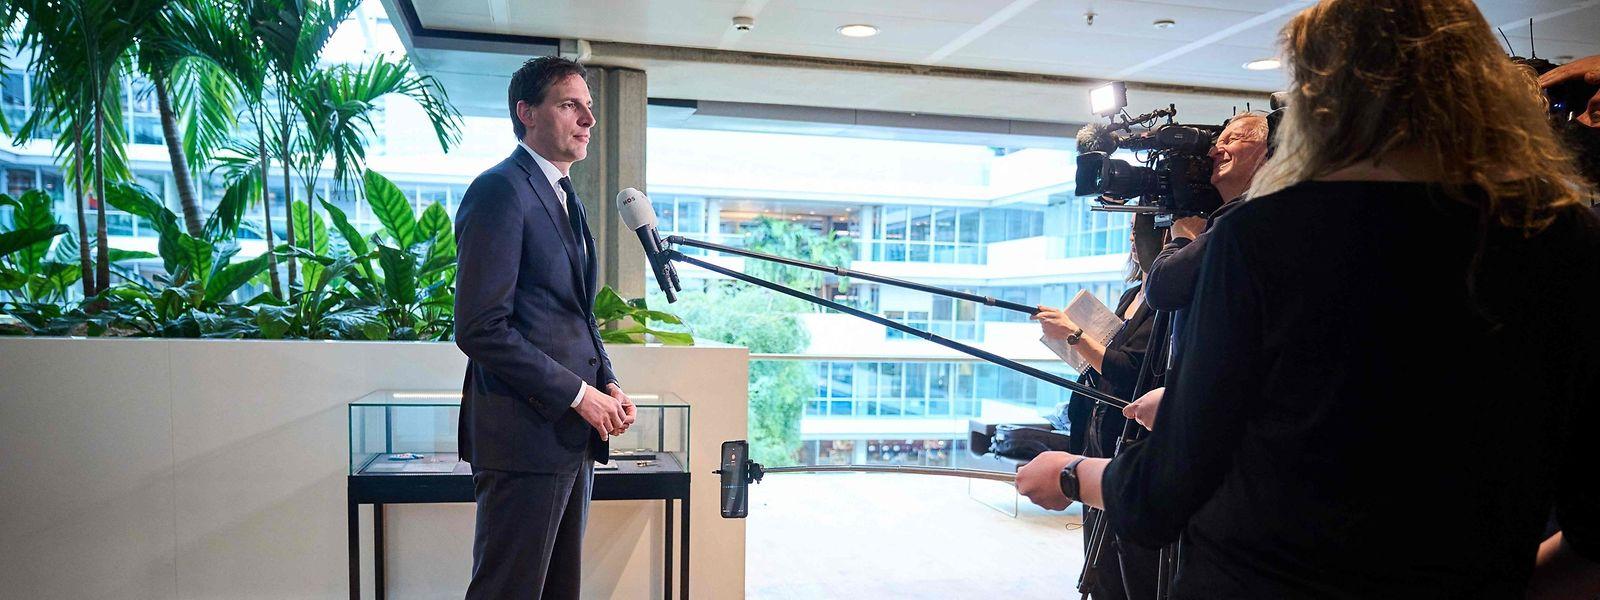 Der niederländische Finanzminister, Wopke Hoekstra, spricht mit der Presse nach der Ankündigung, dass die drittgrößte niederländische Bank ABN Amro ein Bußgeld zahlen muss.